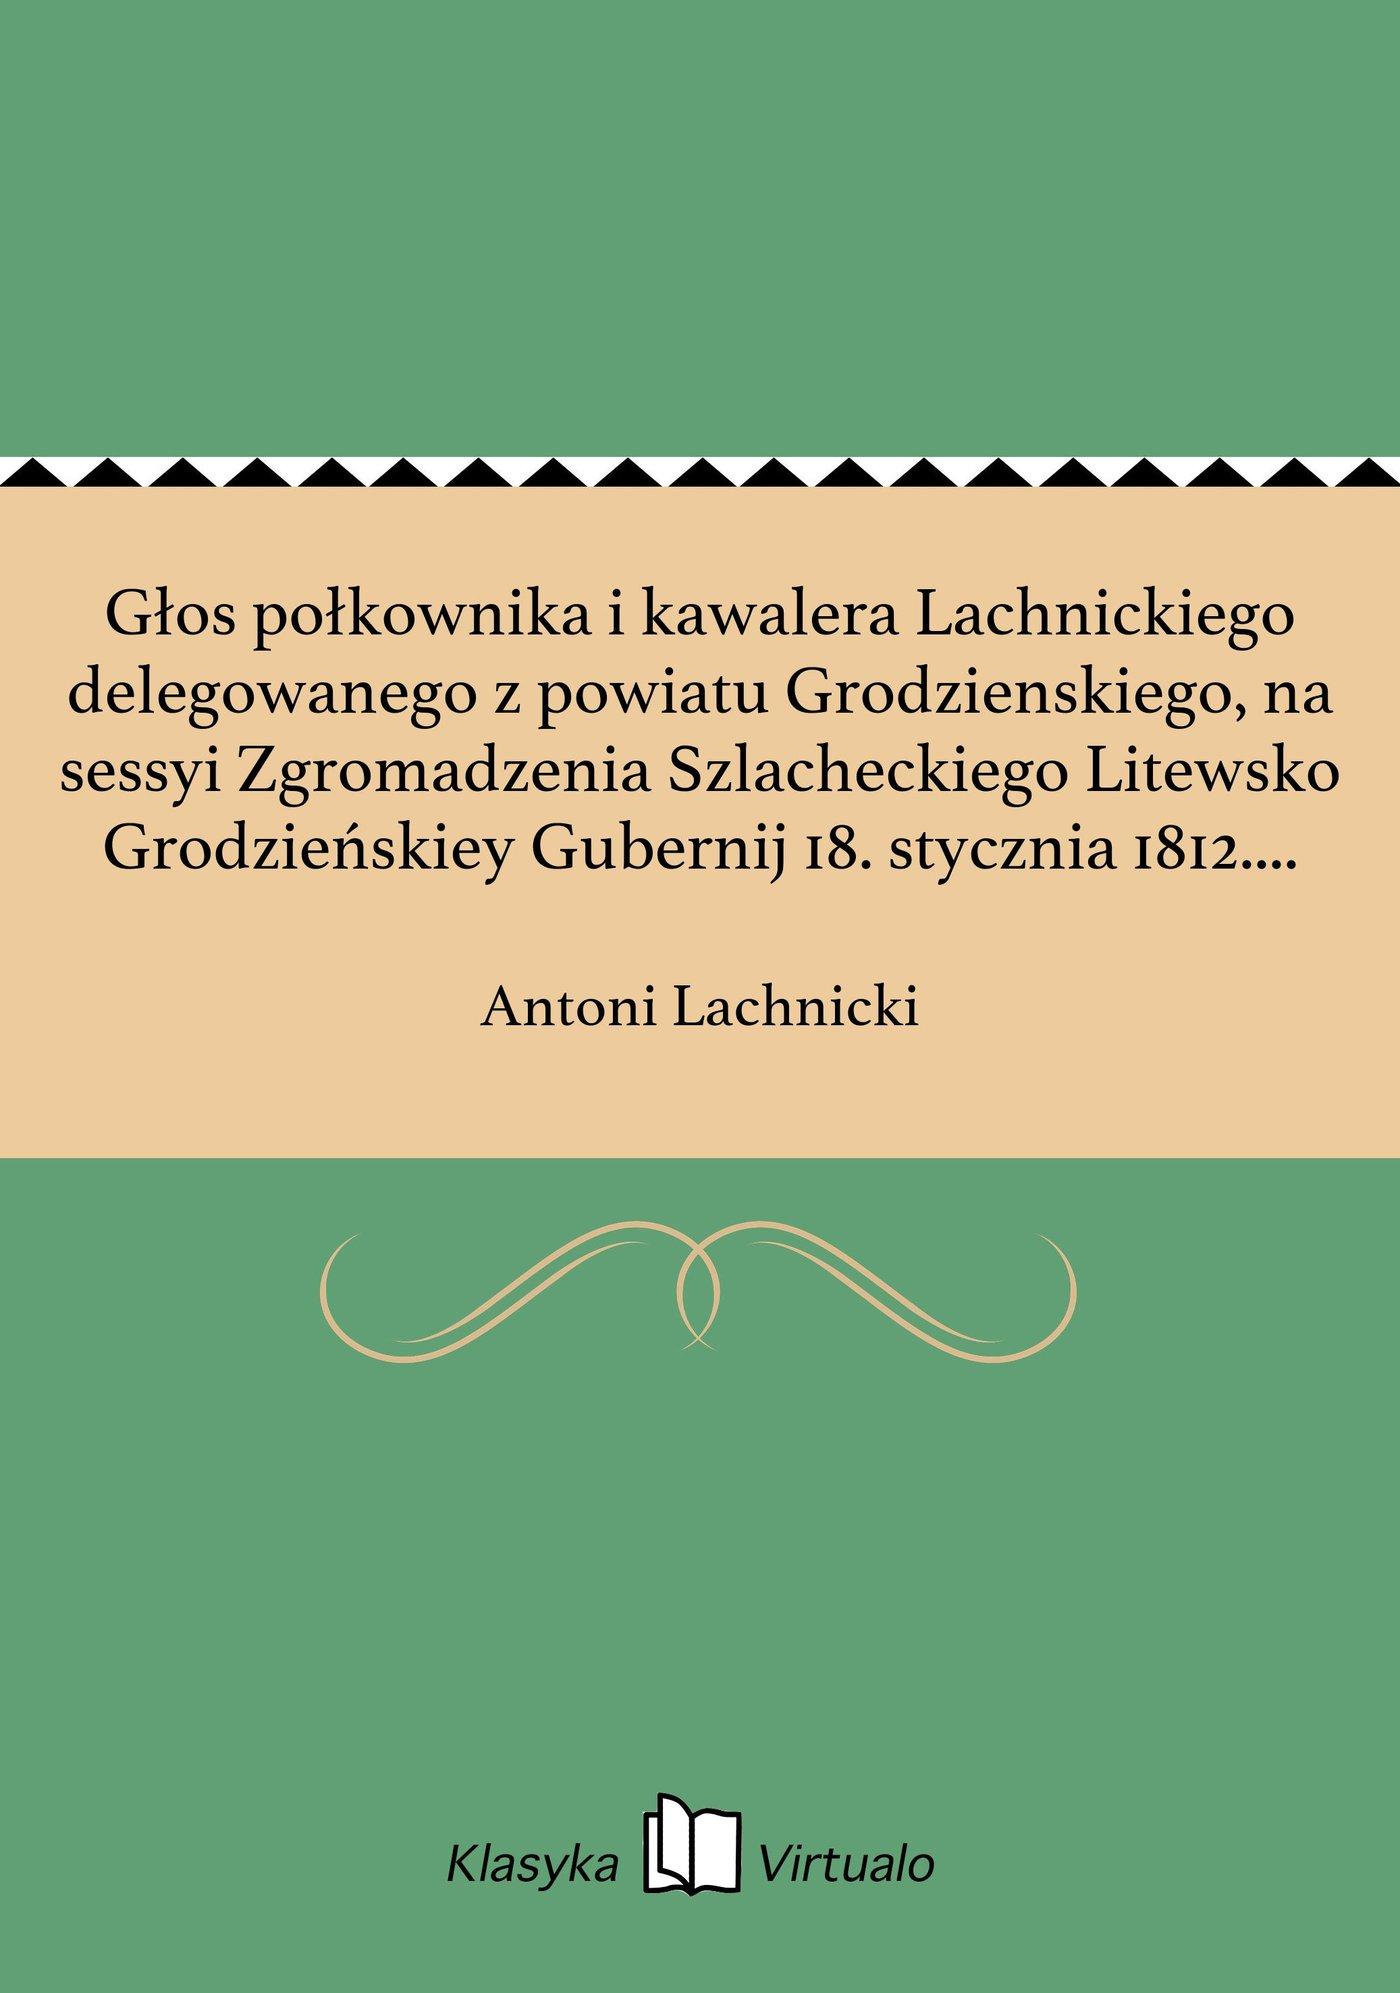 Głos połkownika i kawalera Lachnickiego delegowanego z powiatu Grodzienskiego, na sessyi Zgromadzenia Szlacheckiego Litewsko Grodzieńskiey Gubernij 18. stycznia 1812. roku miany. - Ebook (Książka na Kindle) do pobrania w formacie MOBI